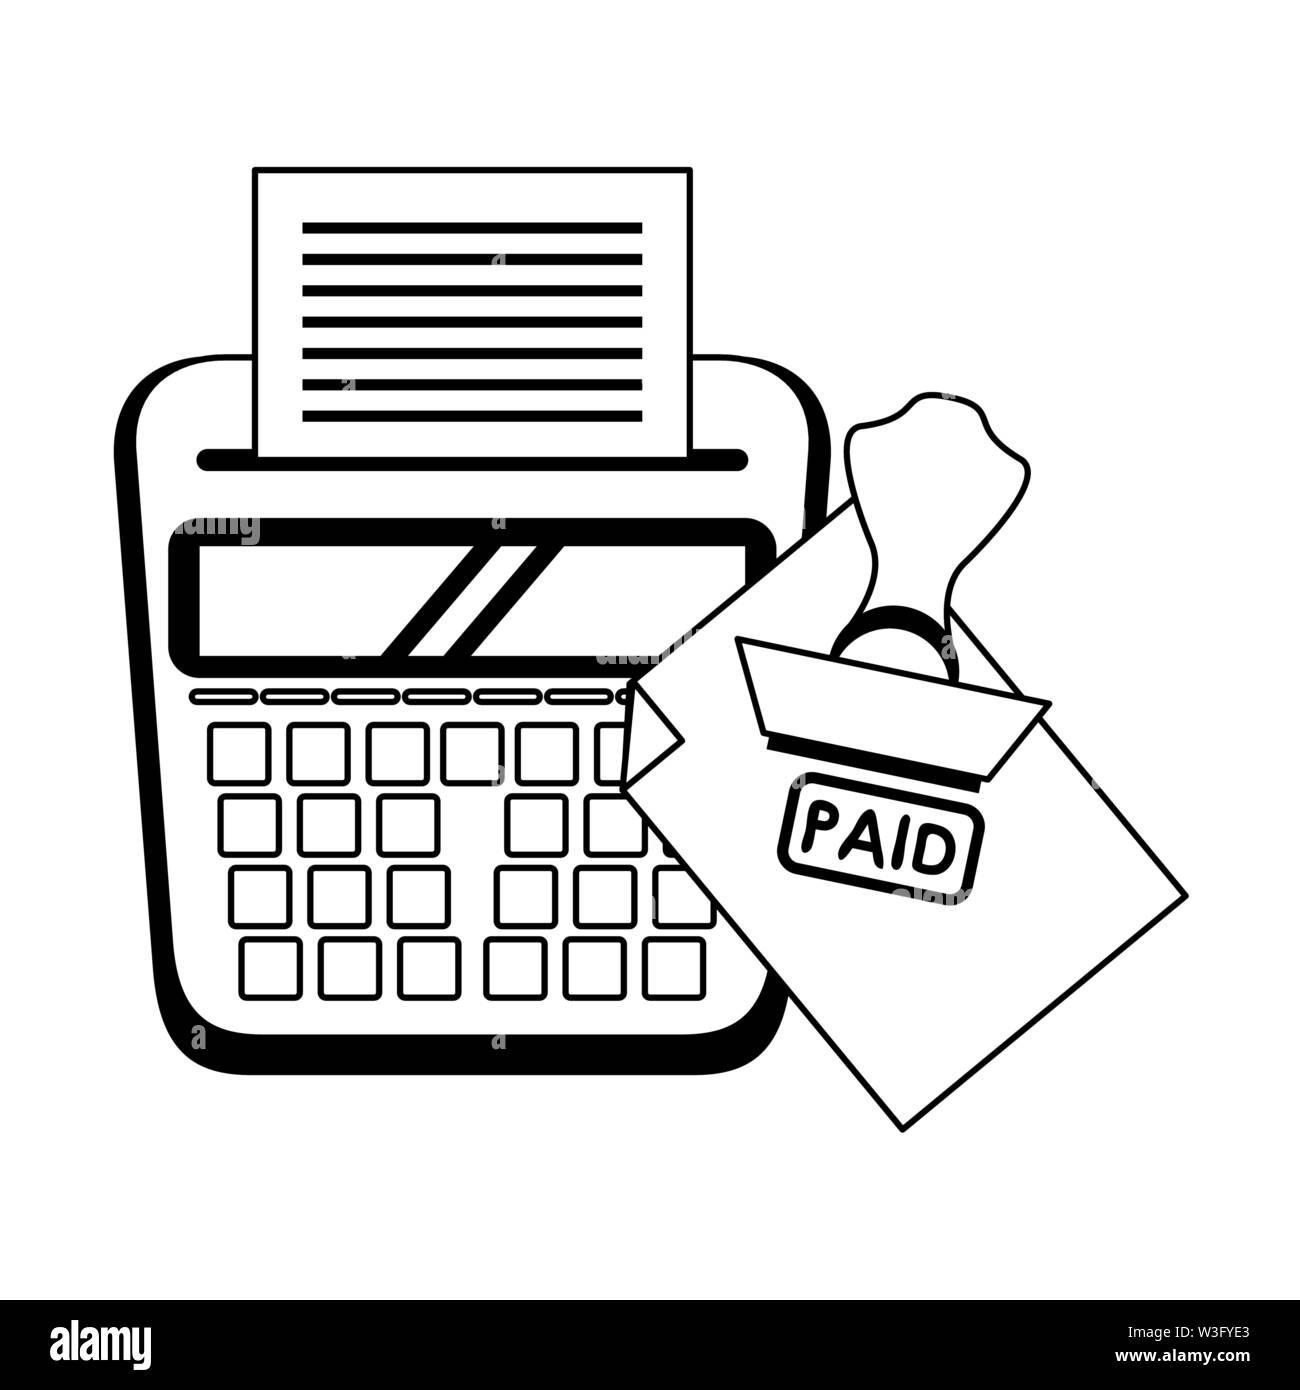 Persönliche Finanzen Aufwendungen und Kosten Saldo Berechnung Bezahlung cartoon Vector Illustration graphic design Stockbild